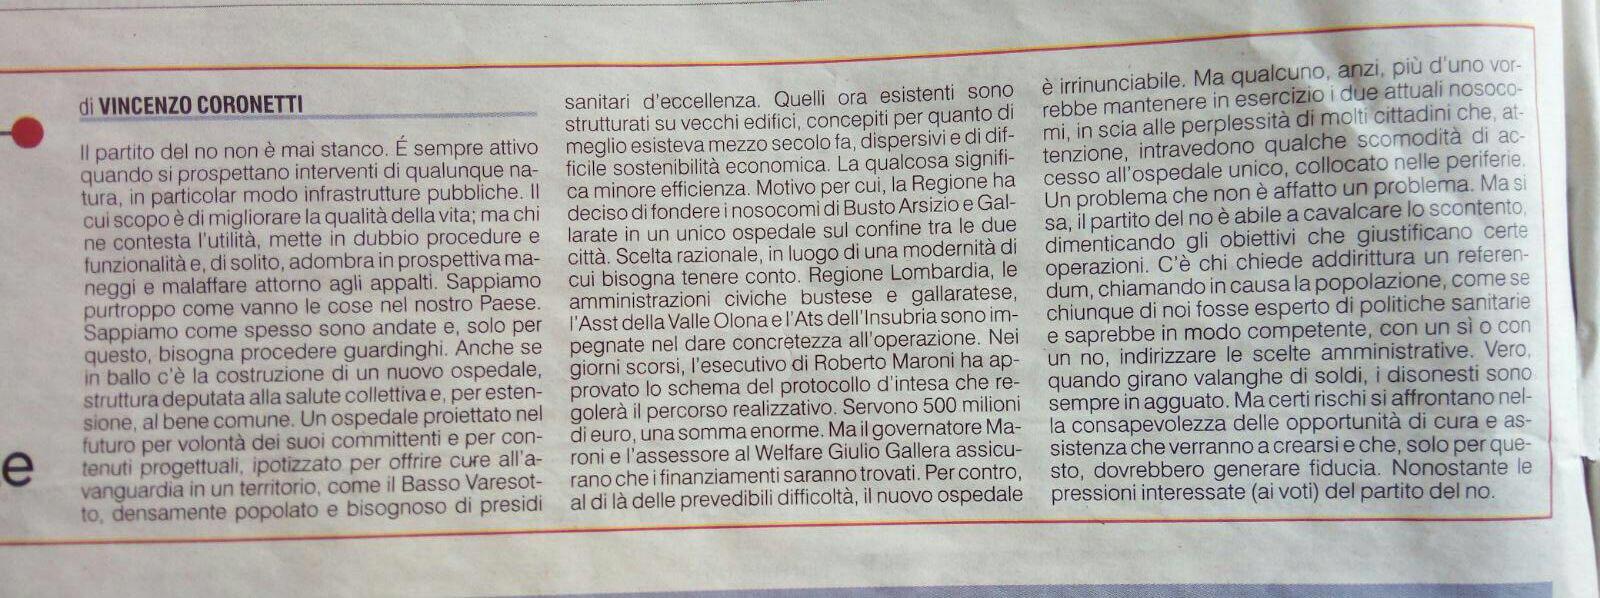 Nuovo ospedale. A Varese si fa giornalismo o propaganda per il sì?